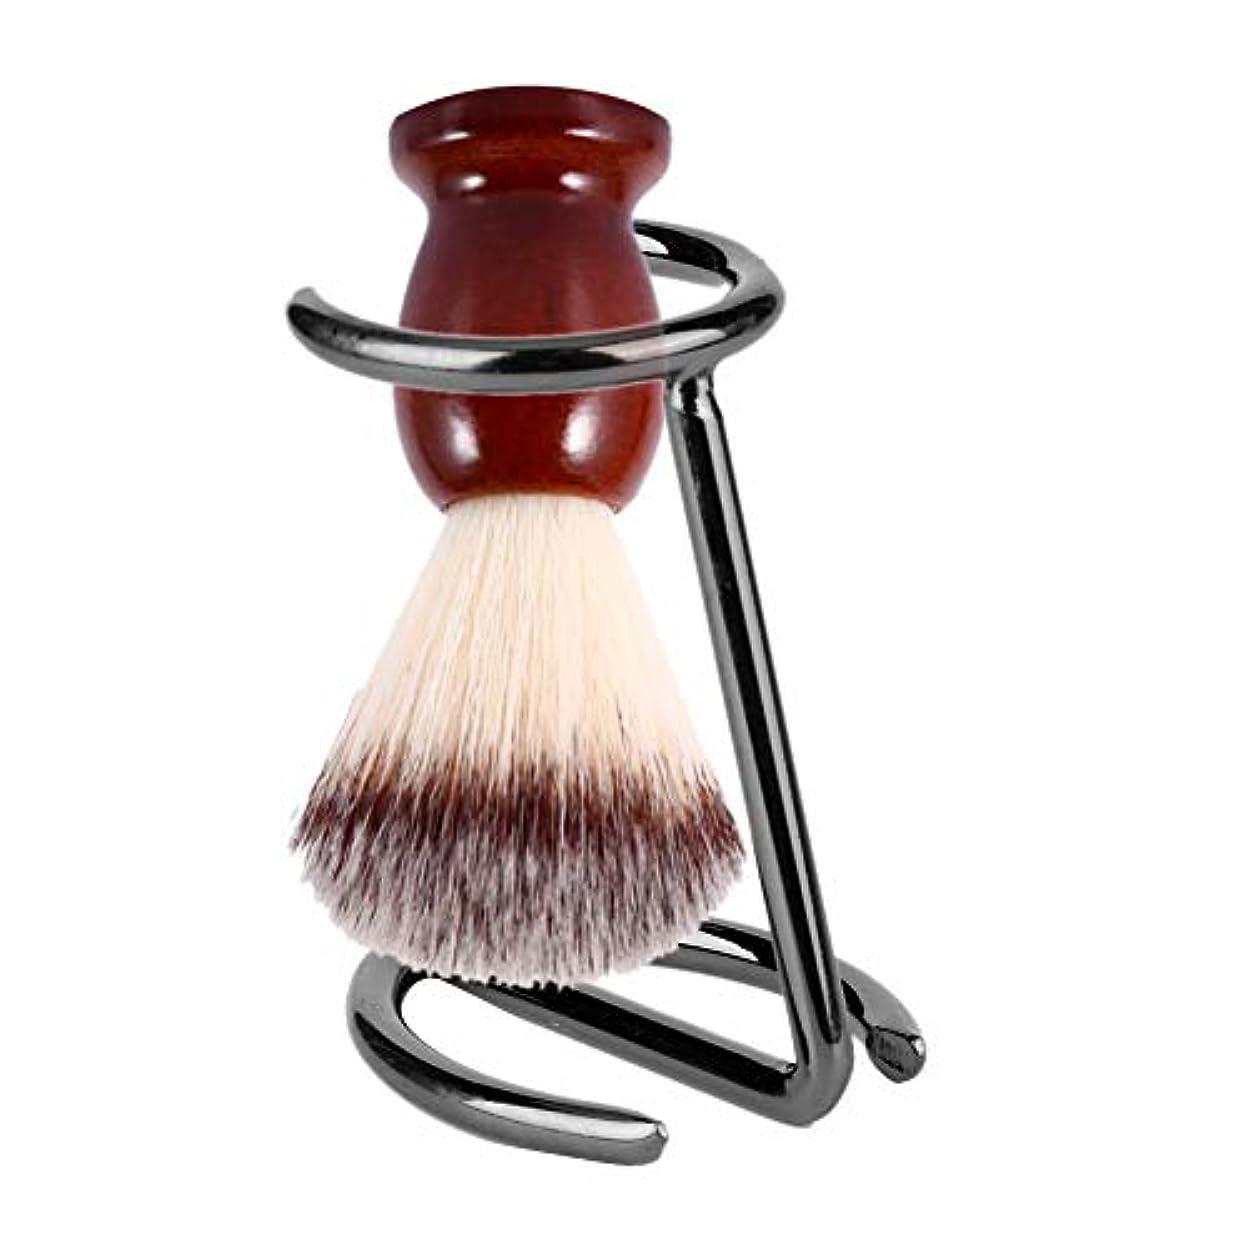 適格アサー彼の剃毛ブラシスタンド、男性の剃毛ブラシステンレス鋼スタンドかみそりホルダーサロンホーム旅行用